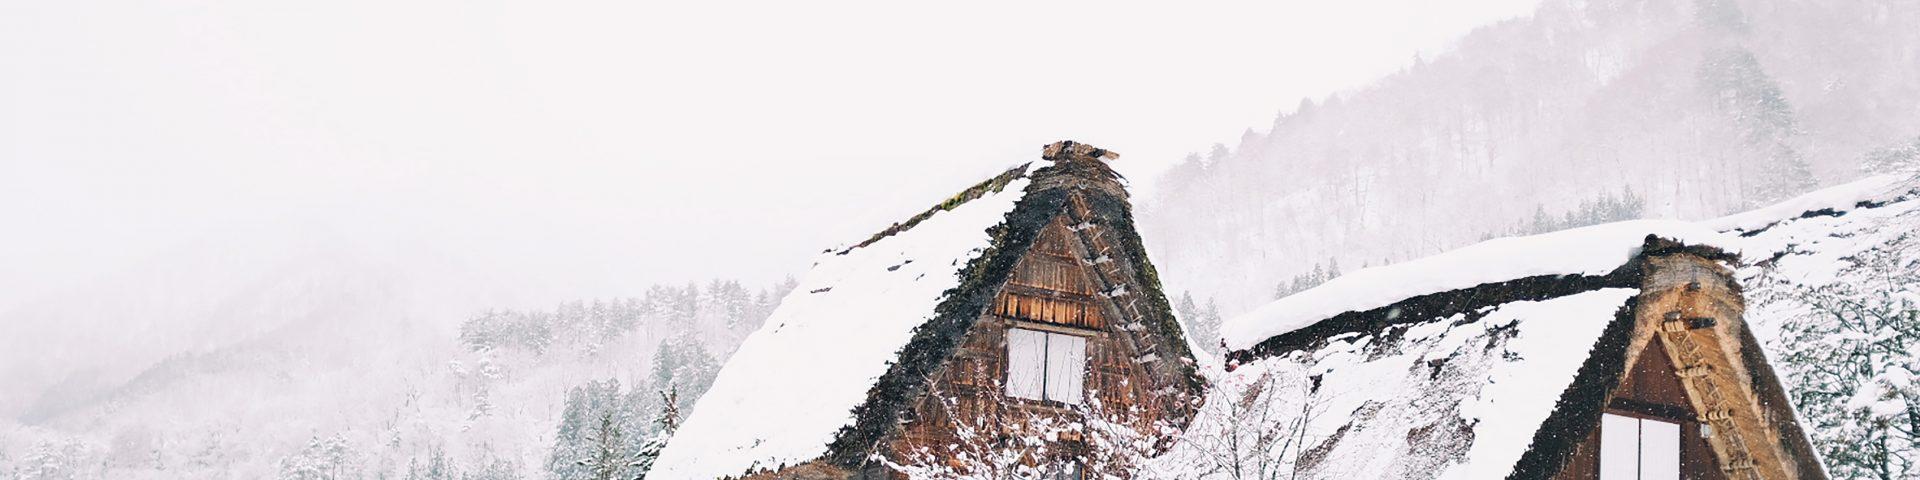 Chalets enneigés à la montagne dans une station de ski